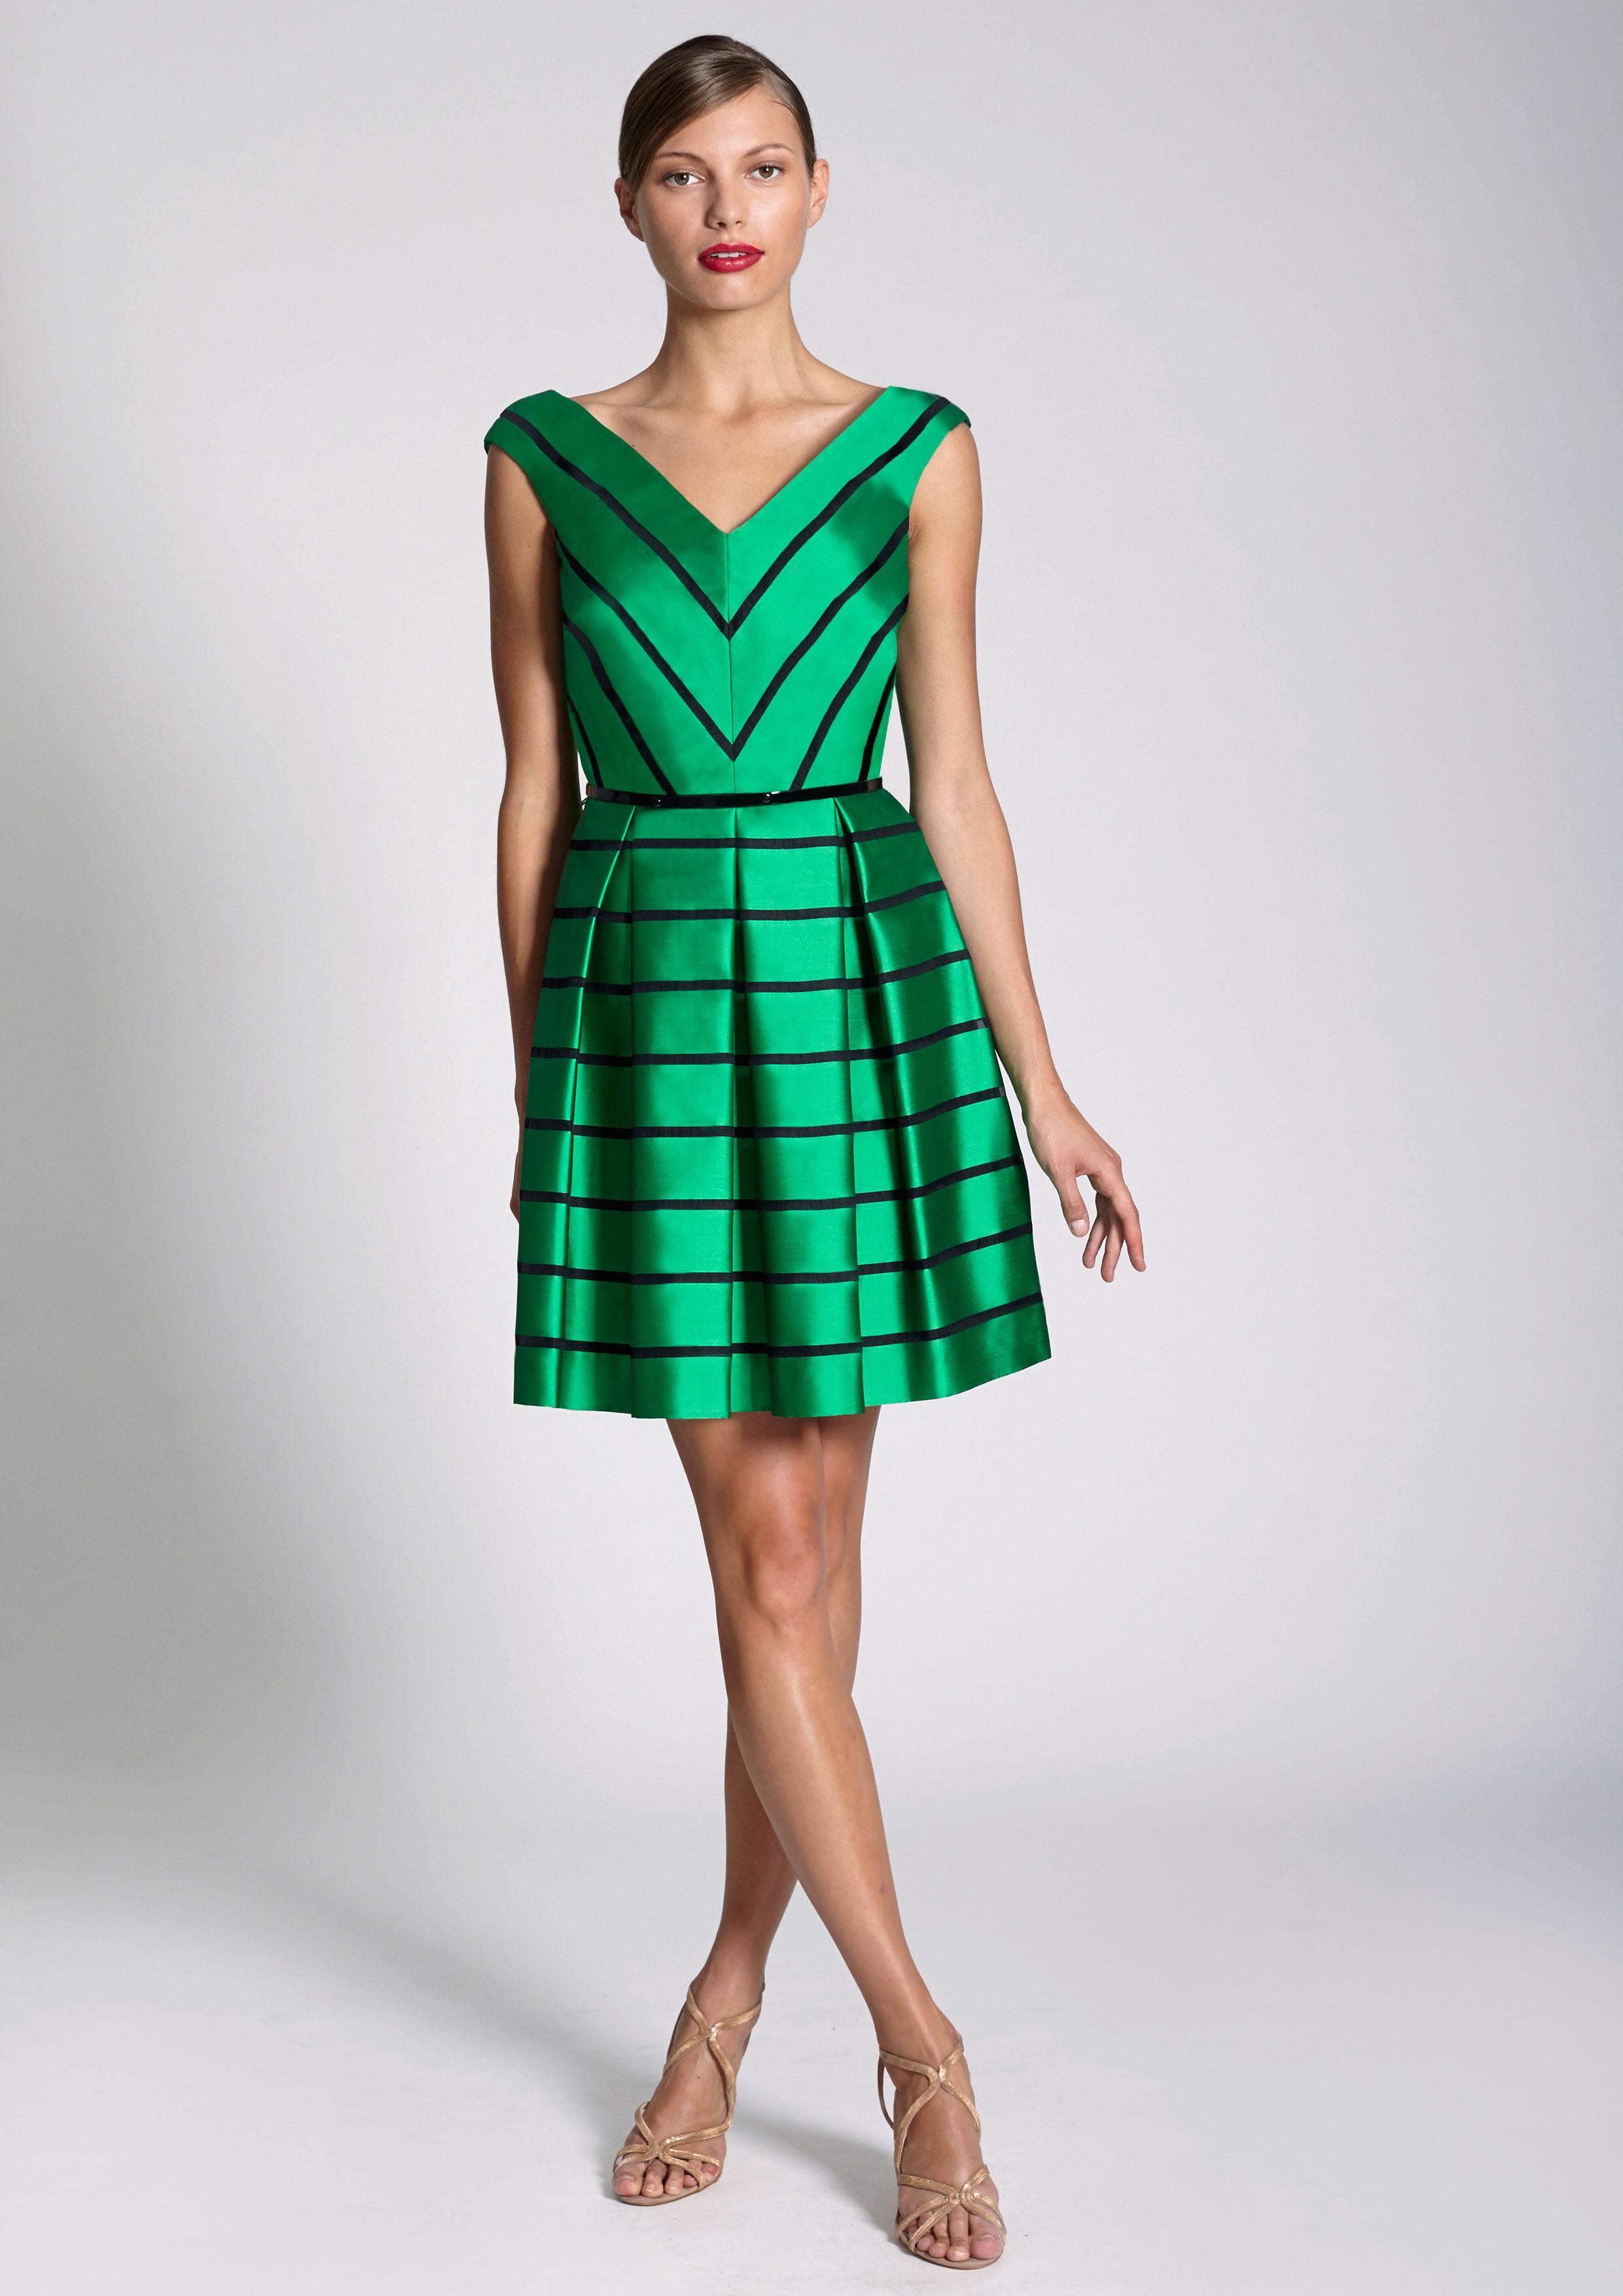 1aadacdf76 Vestido corto de rayas verde y negro